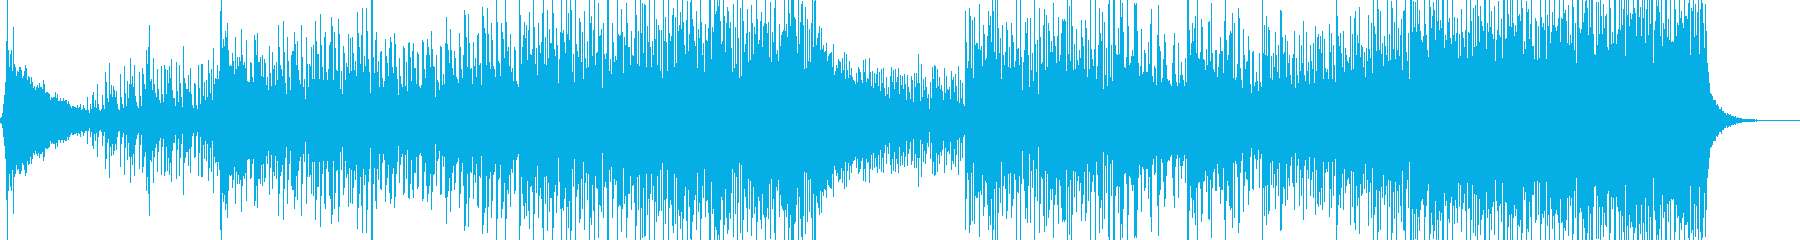 和風ポップB和風の再生済みの波形